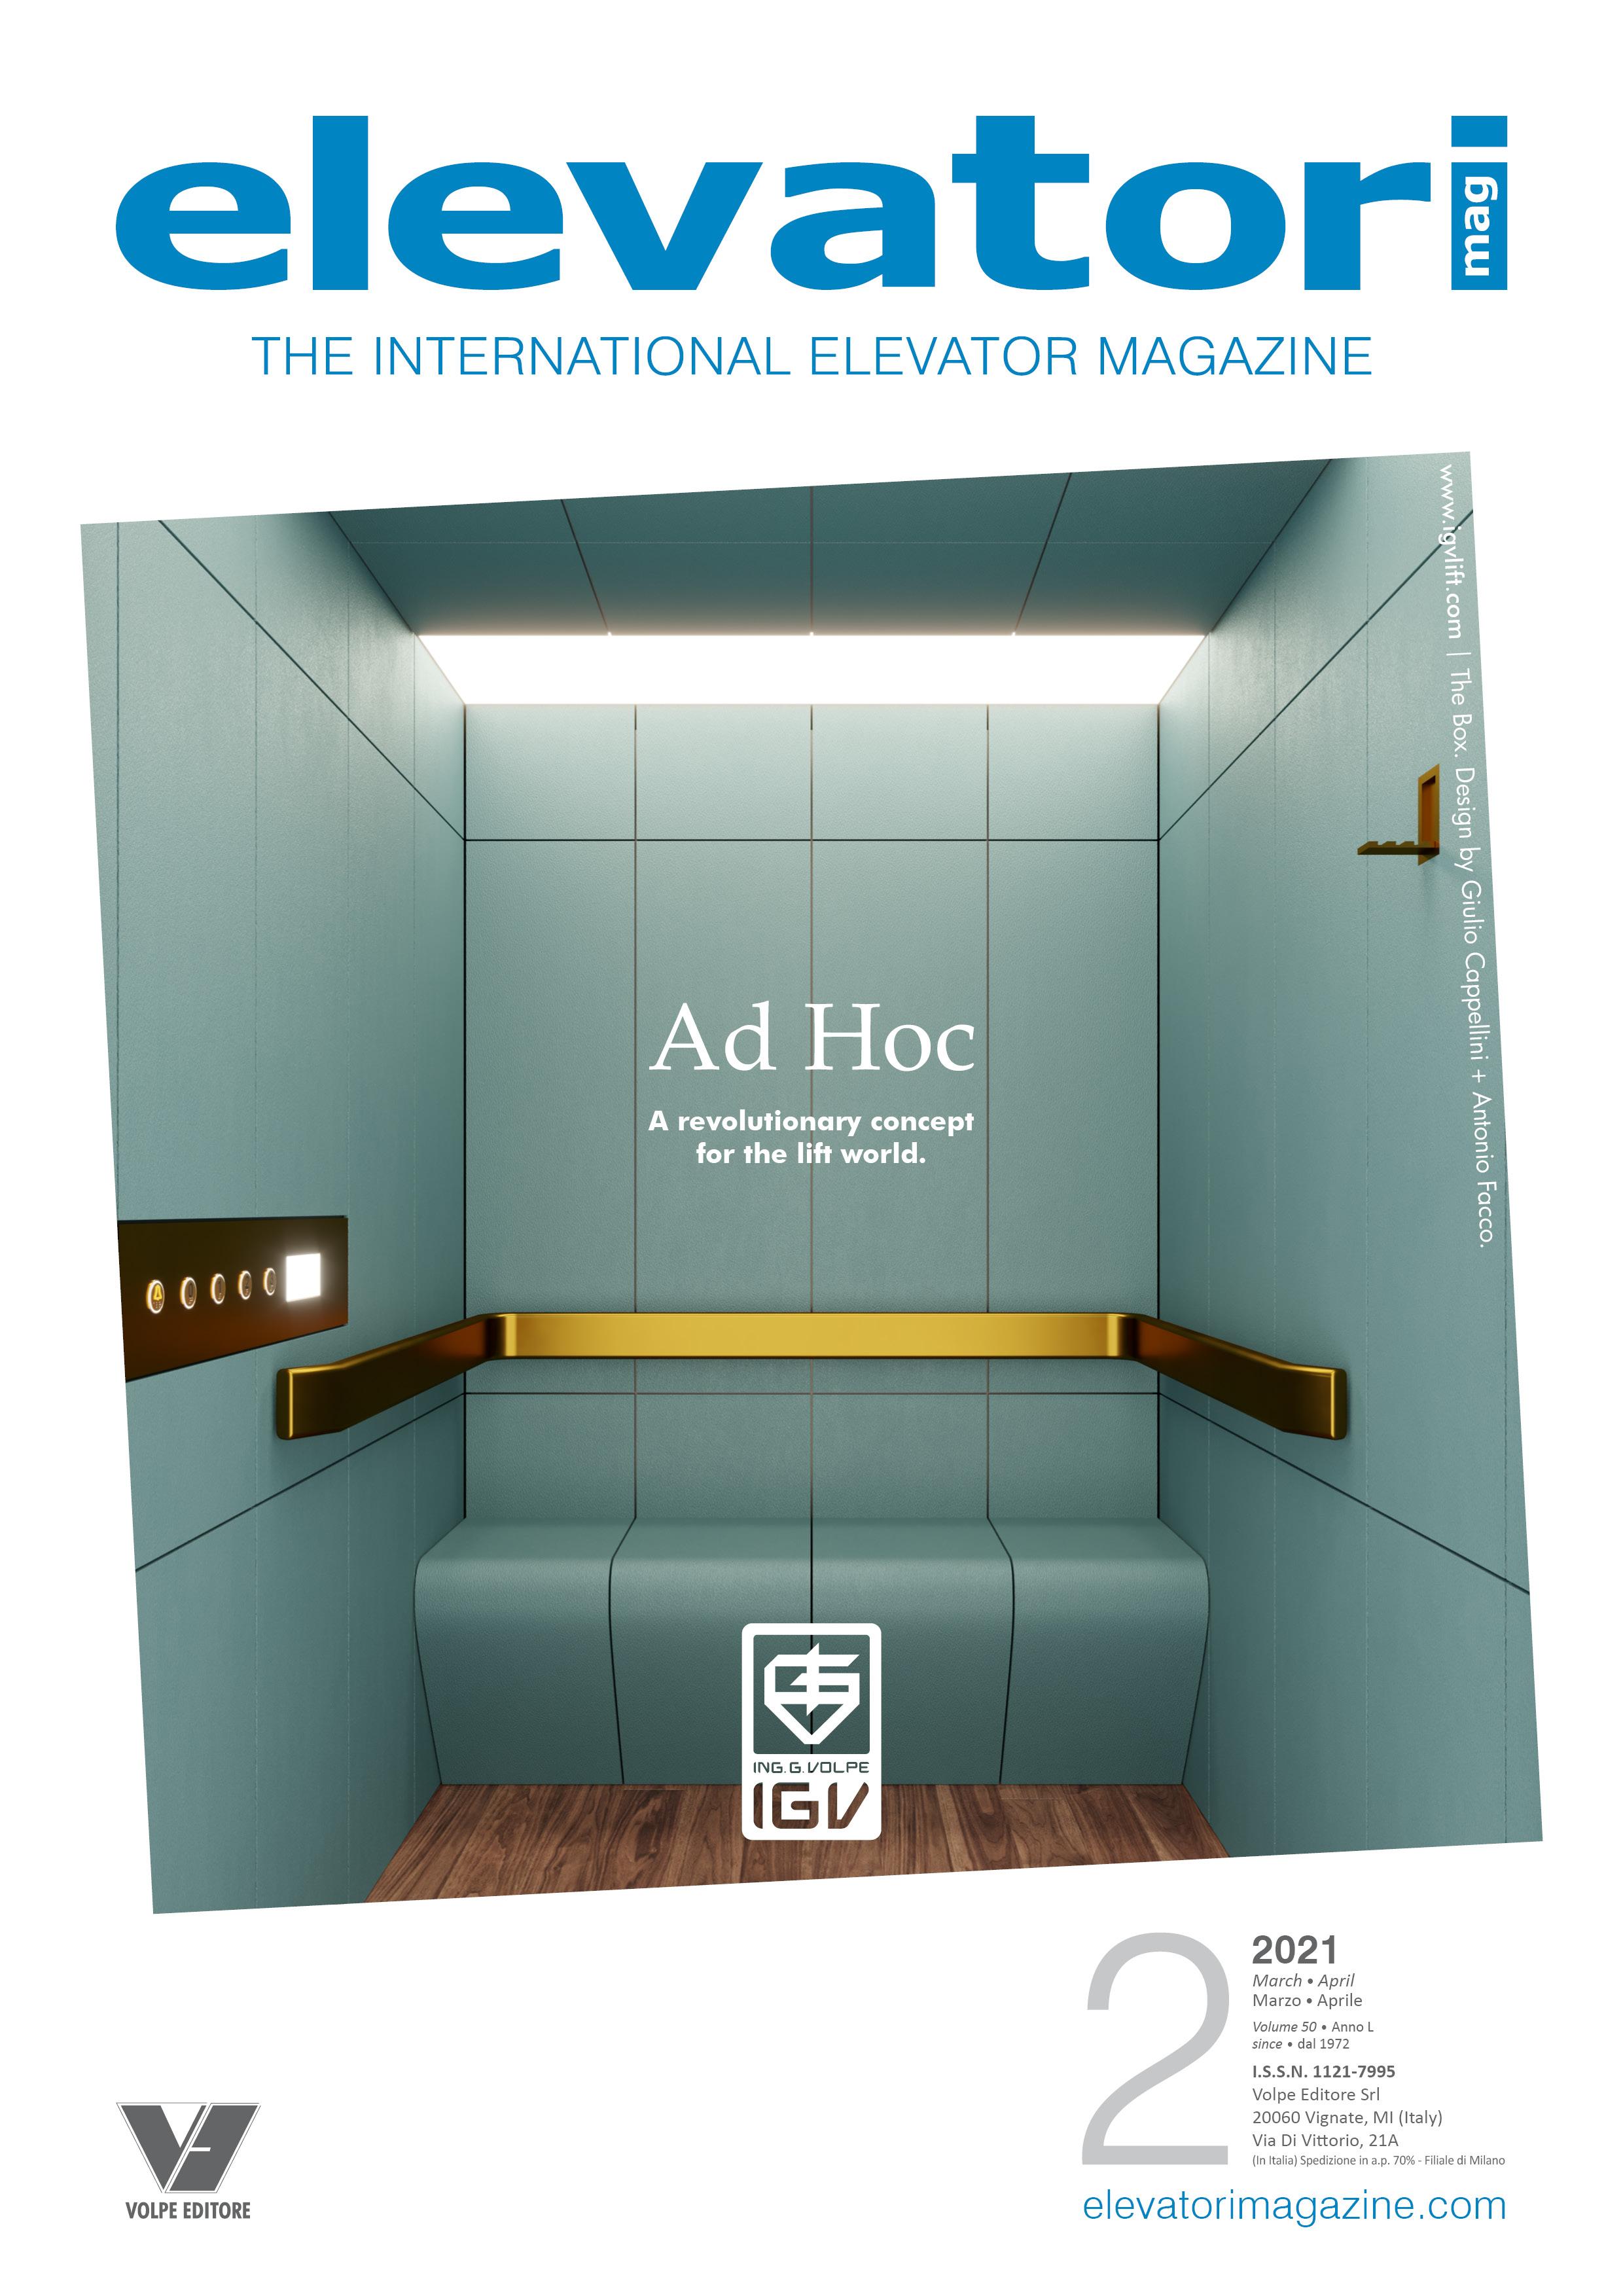 elevatori-2-2021-cover